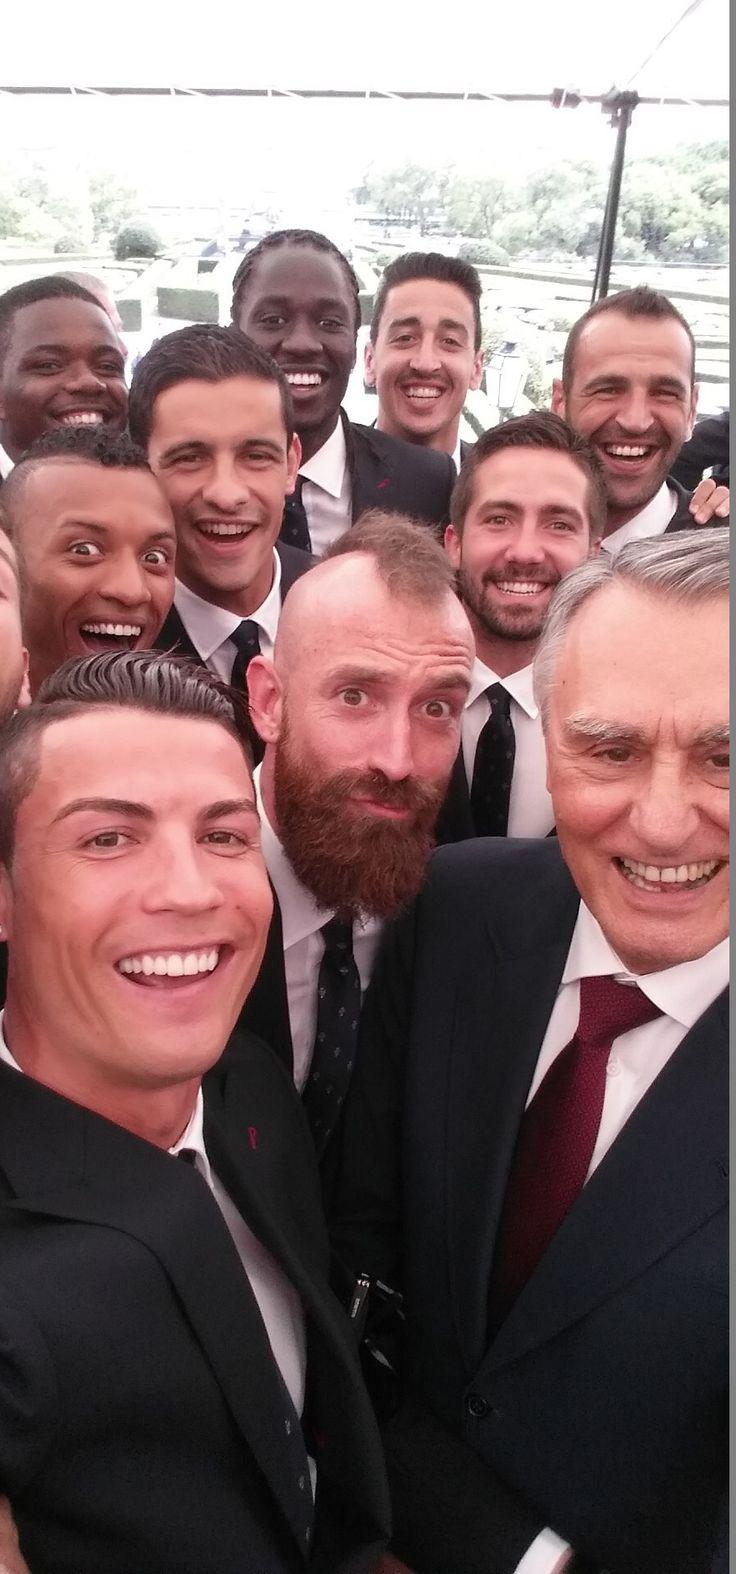 Portugal team selfie. #portugal #ronaldo